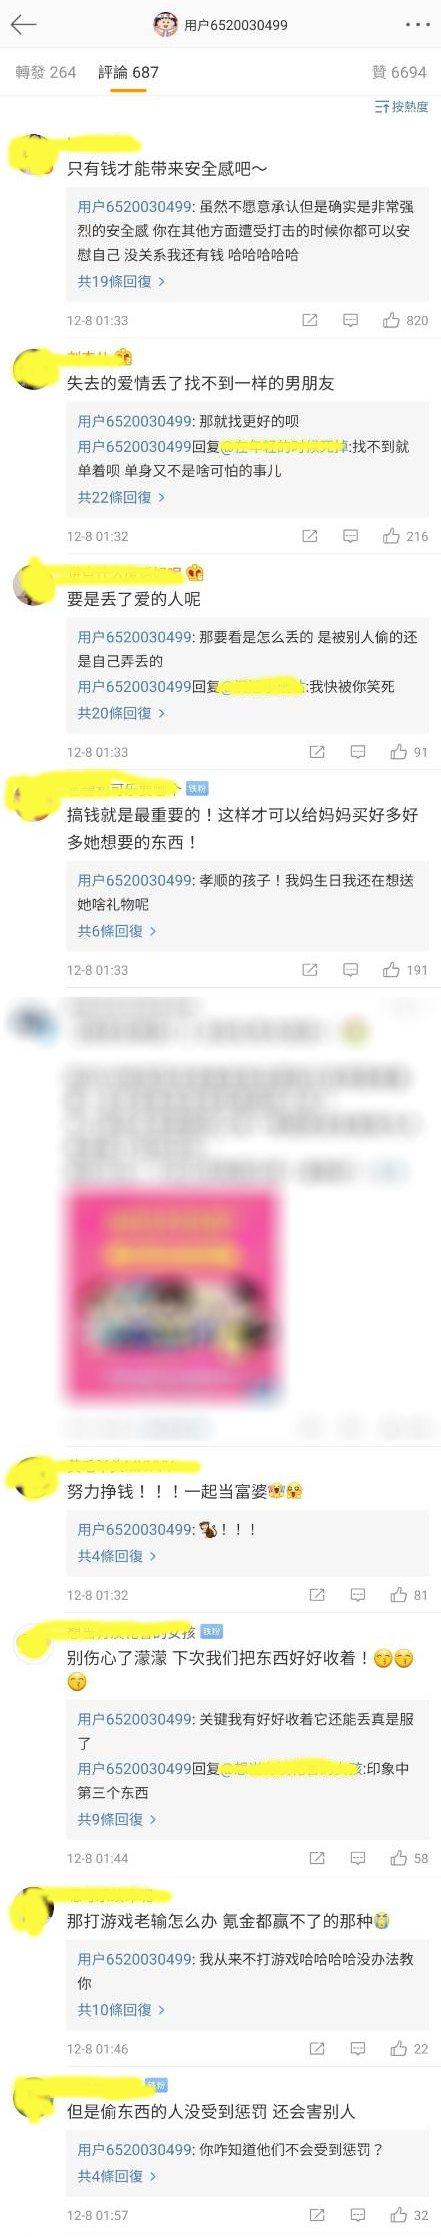 周揚青疑似暗諷羅志祥。圖/擷自微博